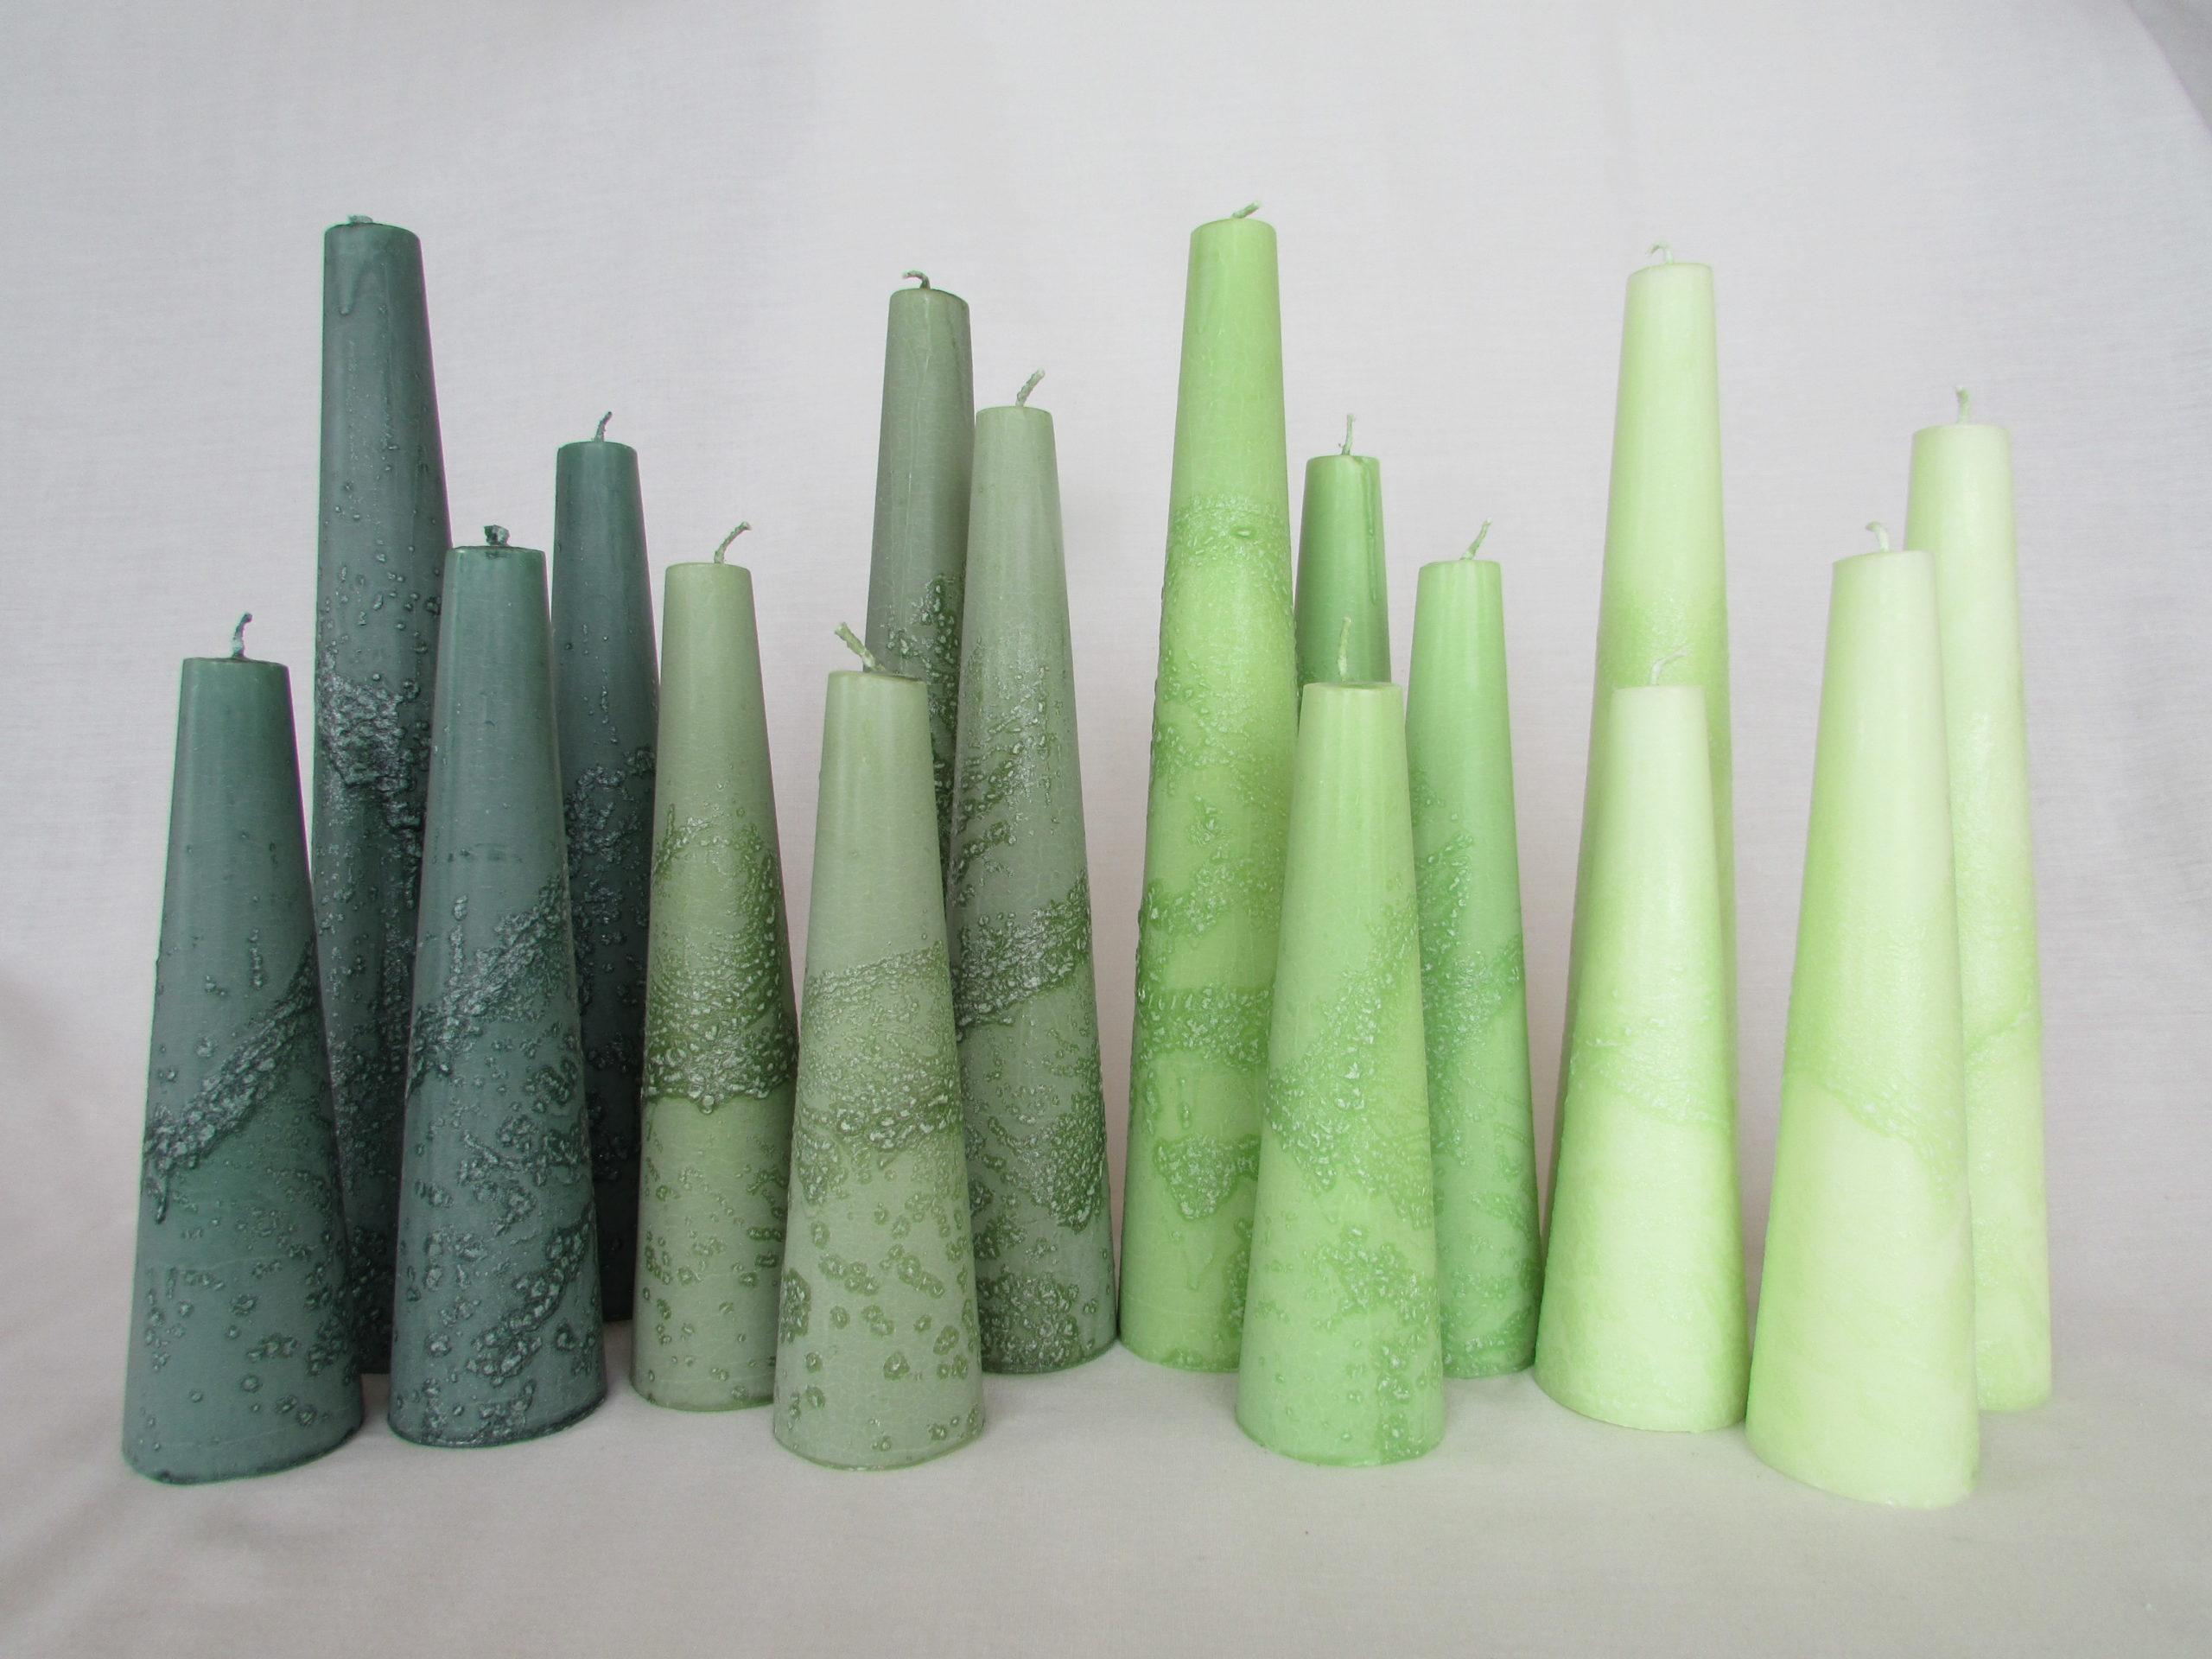 Tumma vihreä, Sammal, Lime, vaal. vihreä